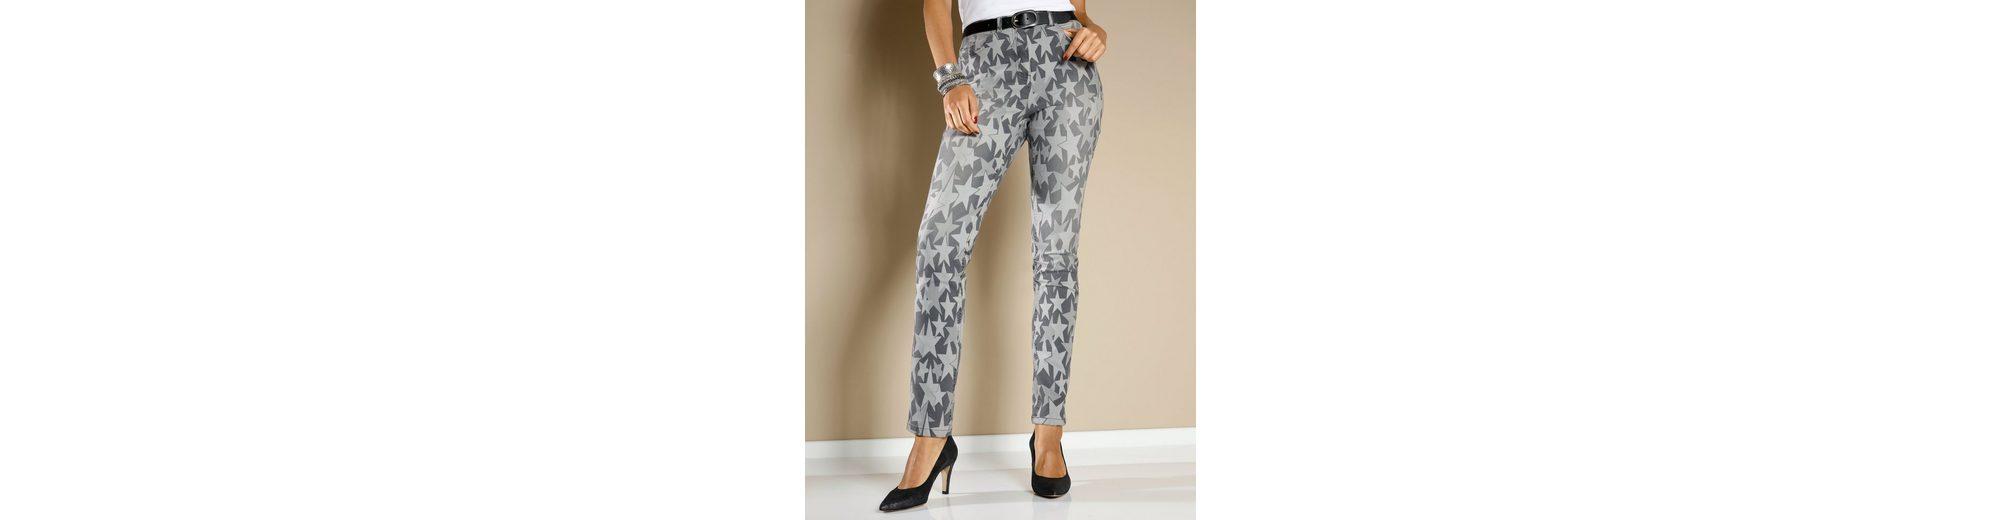 MIAMODA Jeans mit Sternendruck-Muster Rabatt Sneakernews Verkauf Footaction Spielraum Top-Qualität Komfortabel Günstig Online Zum Verkauf Rabatt Verkauf RBJ61RnVm